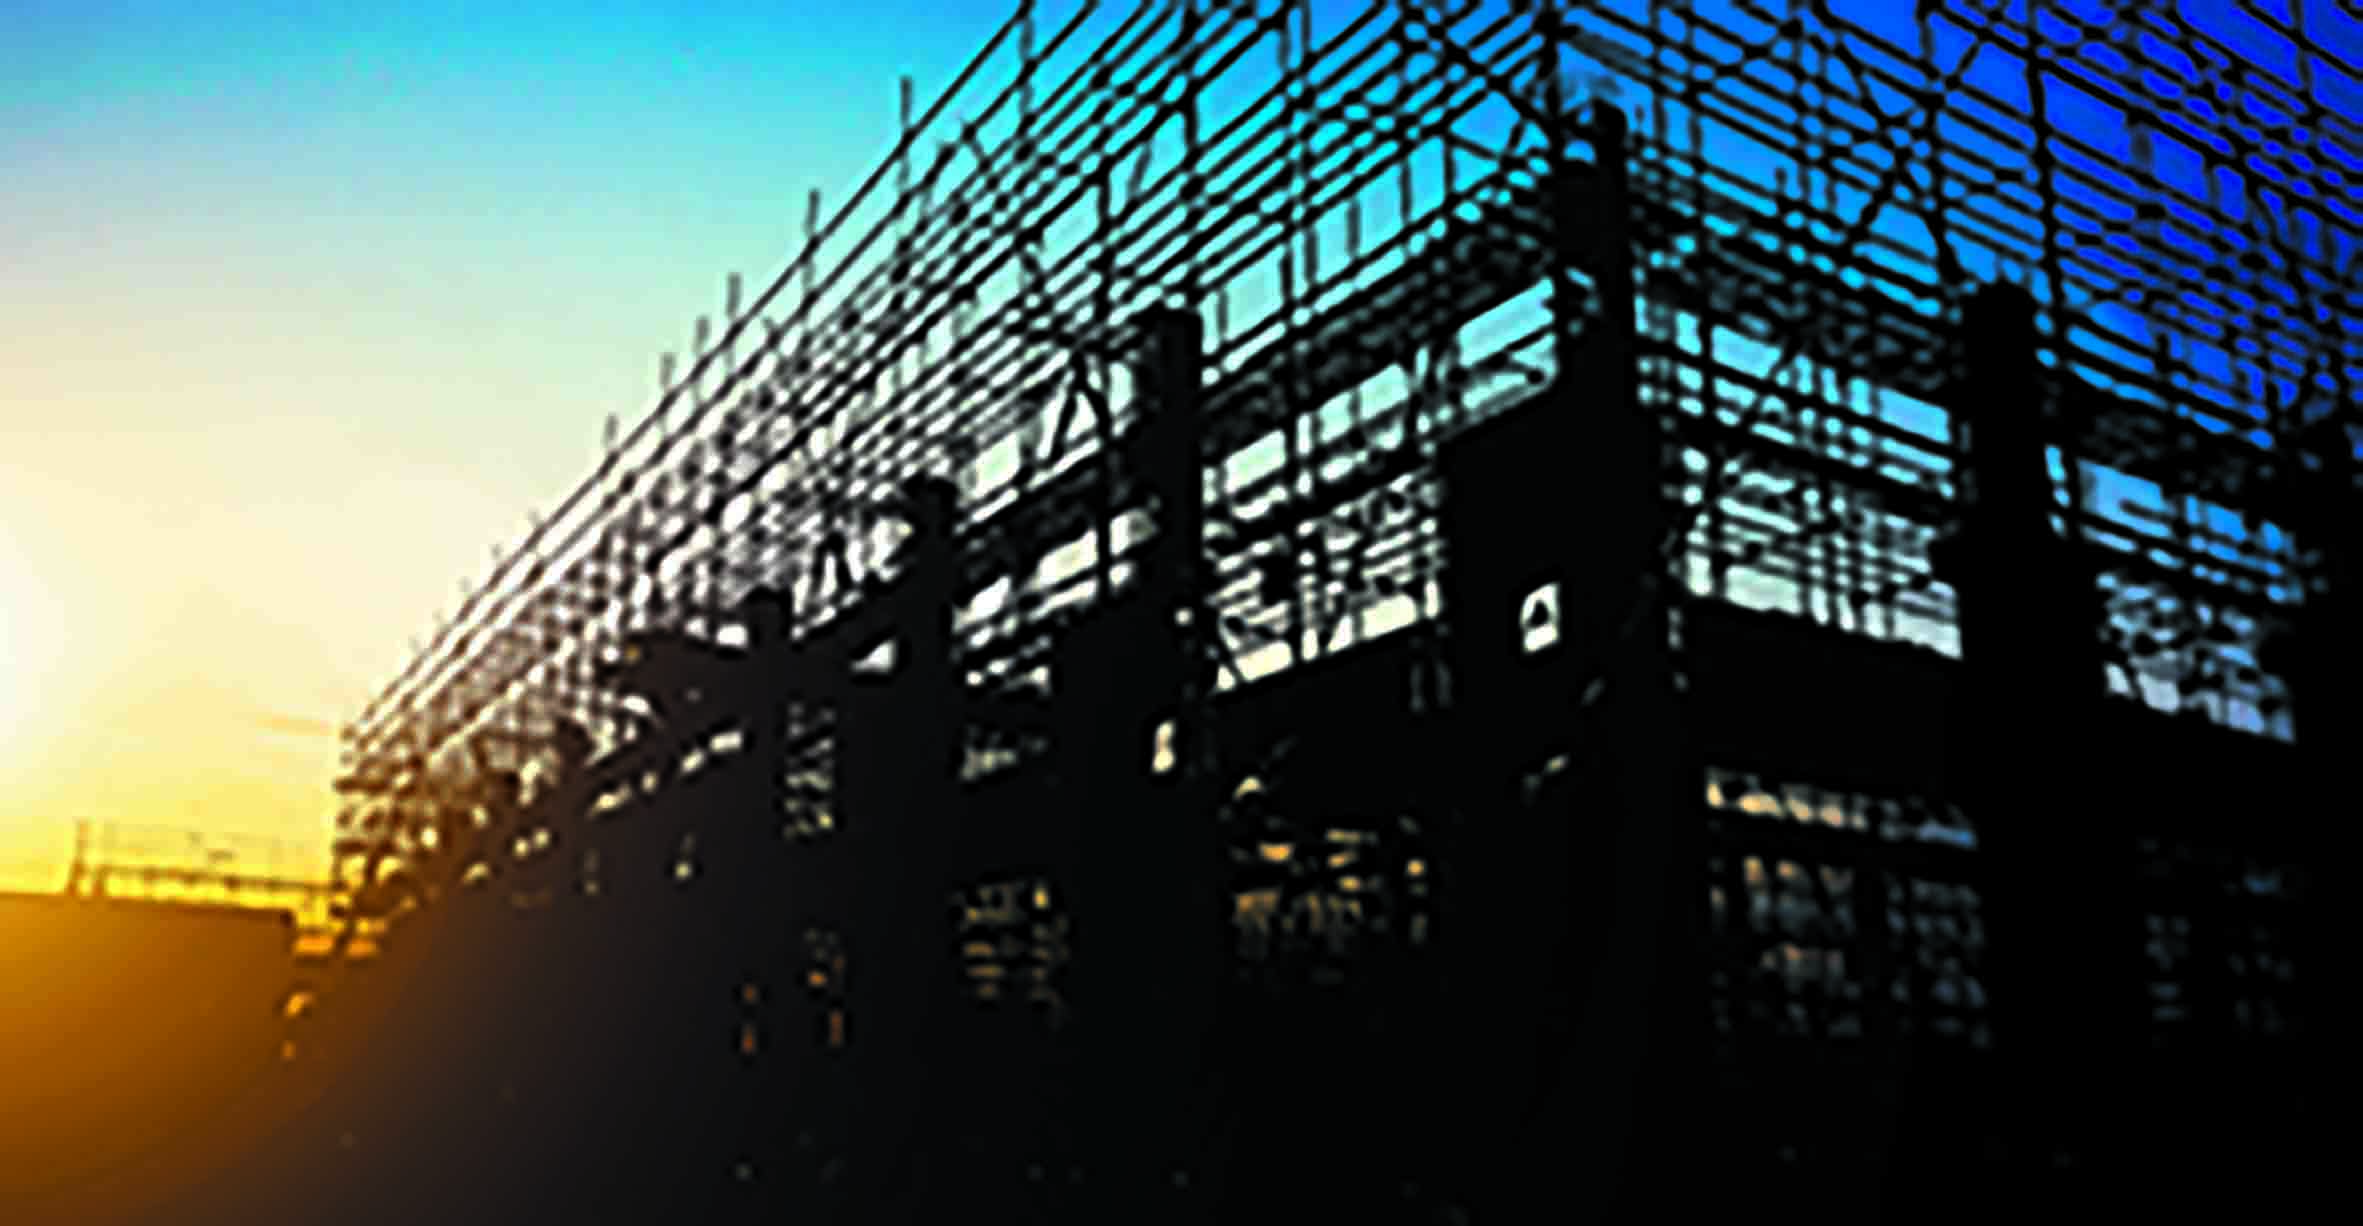 موتور رشد ساخت و ساز در کشور روشن شد